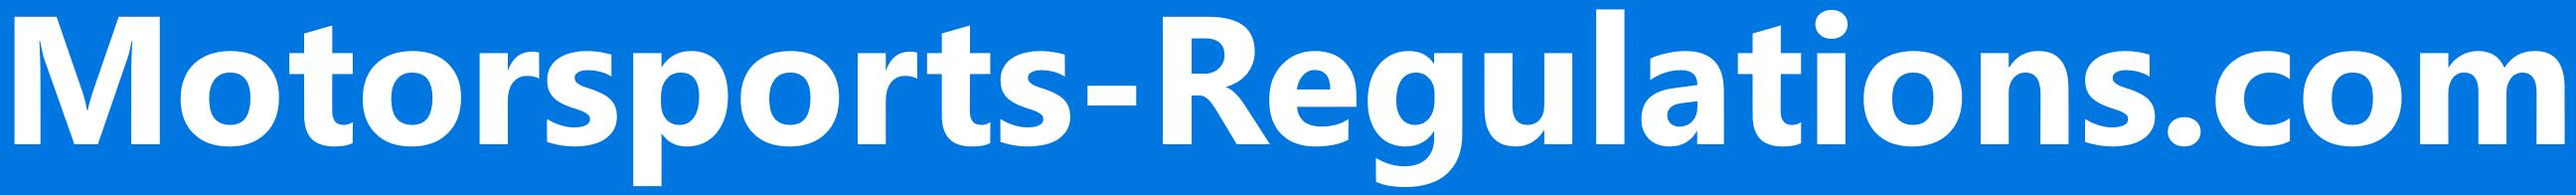 Motorsports-Regulations.com